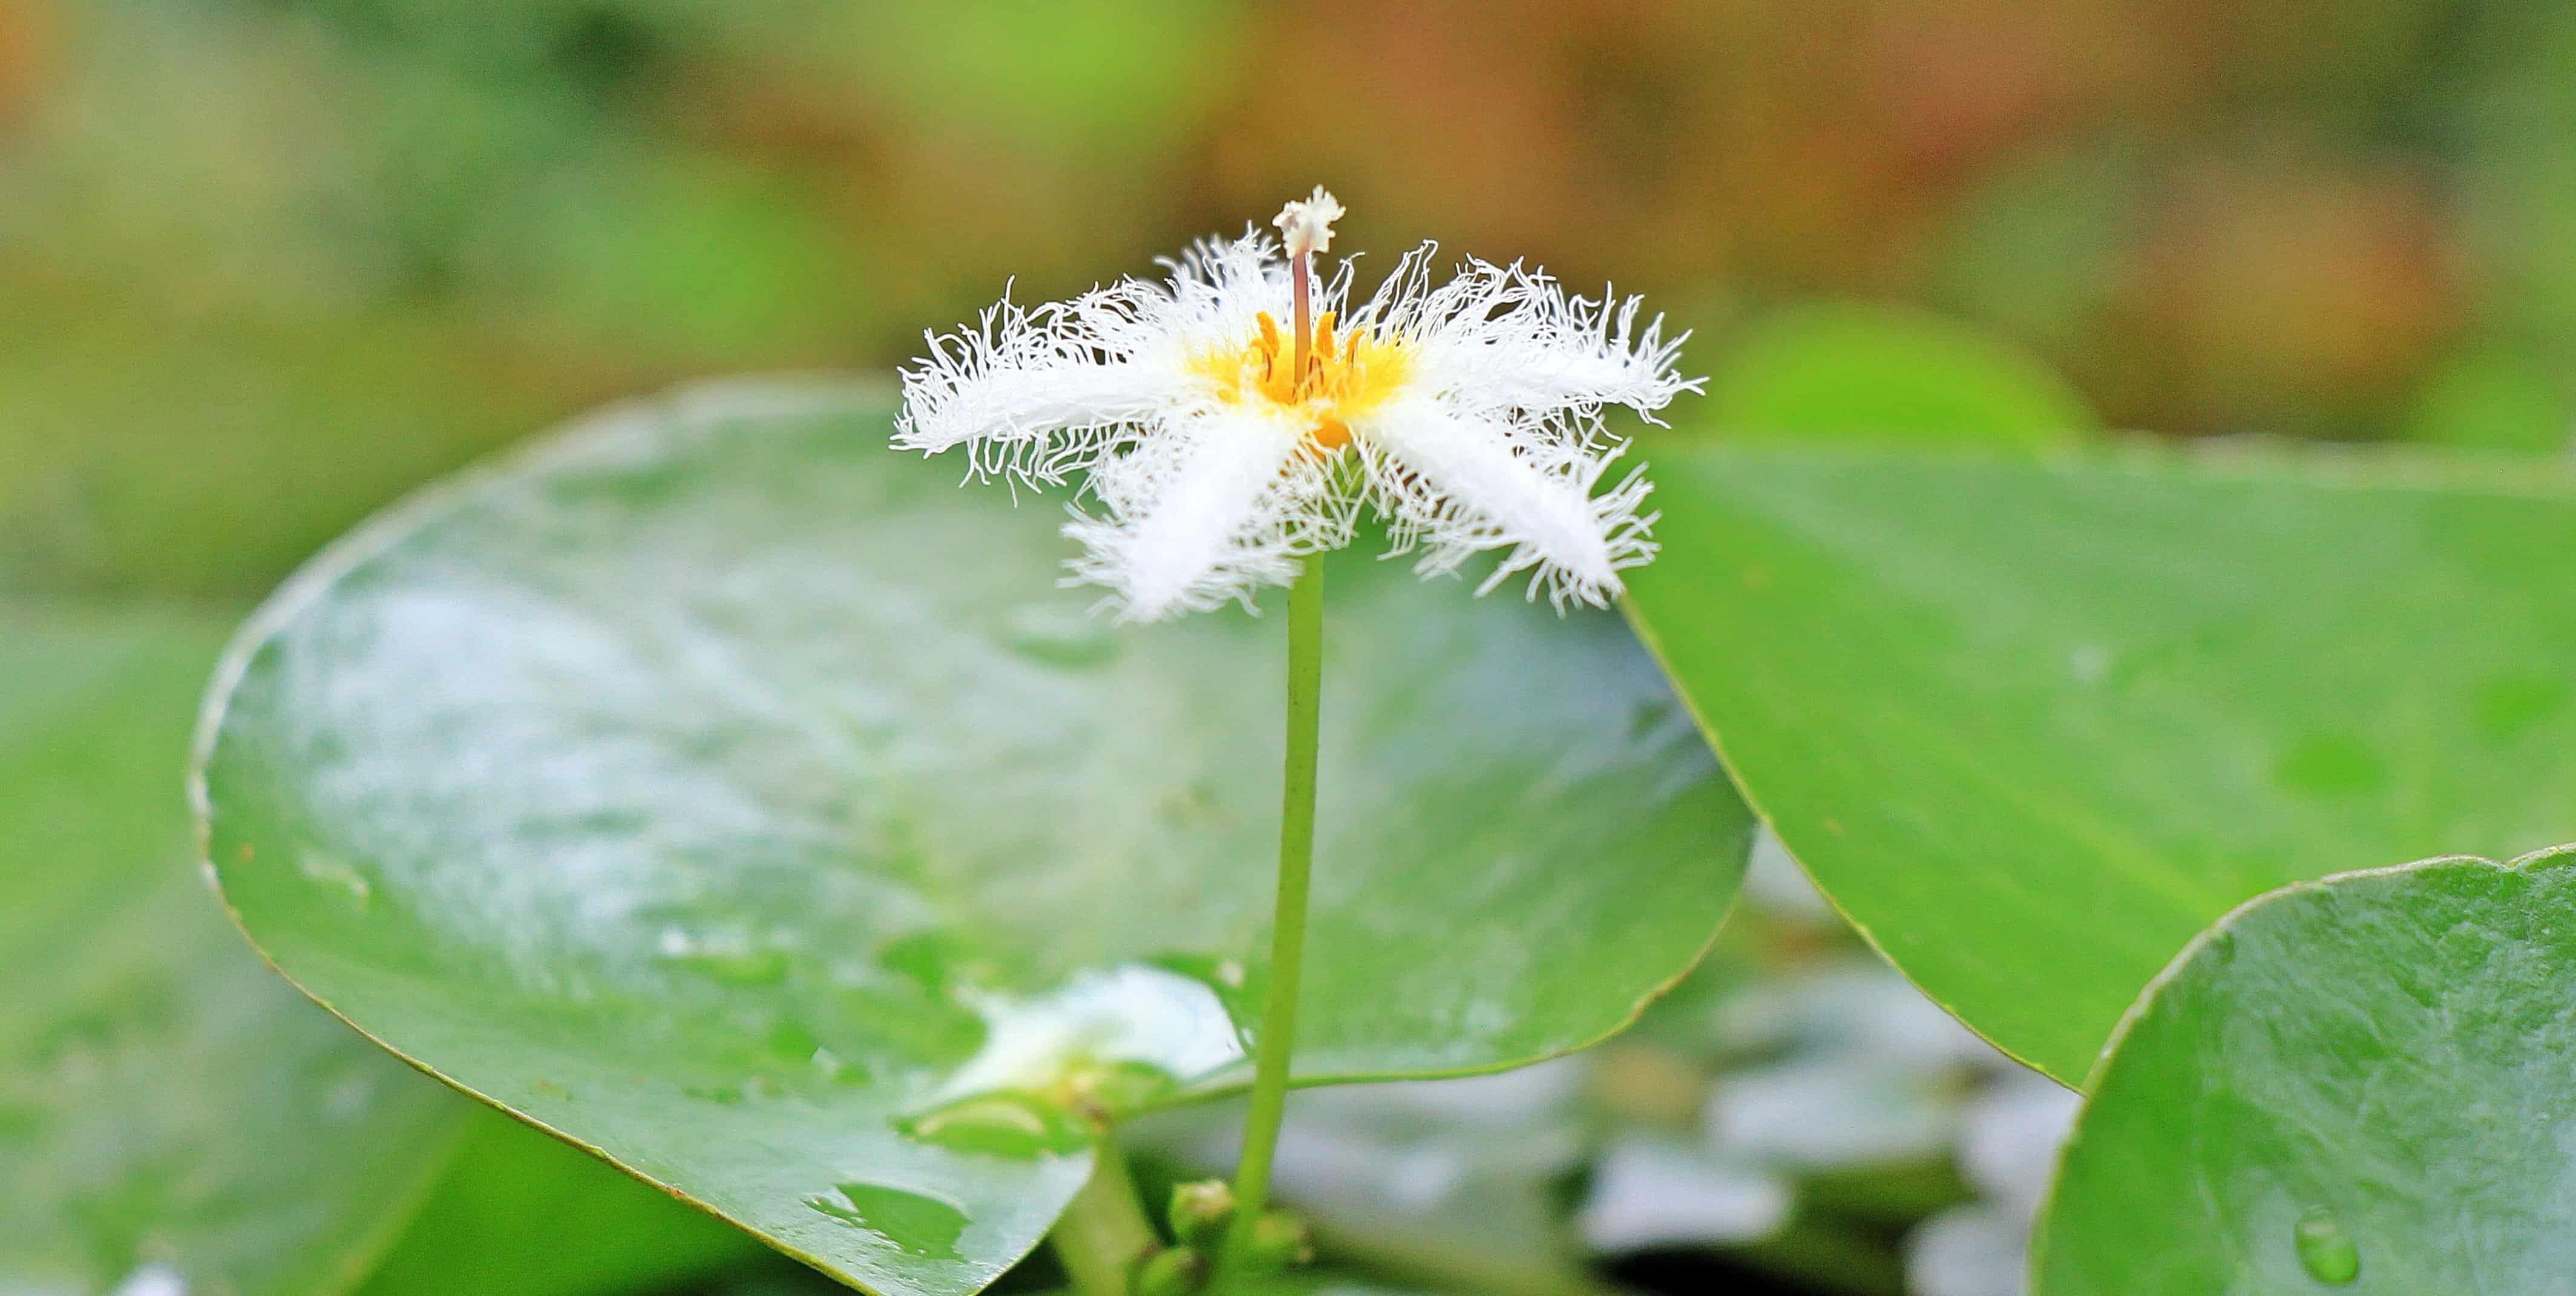 Image libre flore nature feuilles plante fleur blanche horticulture fleur jardin